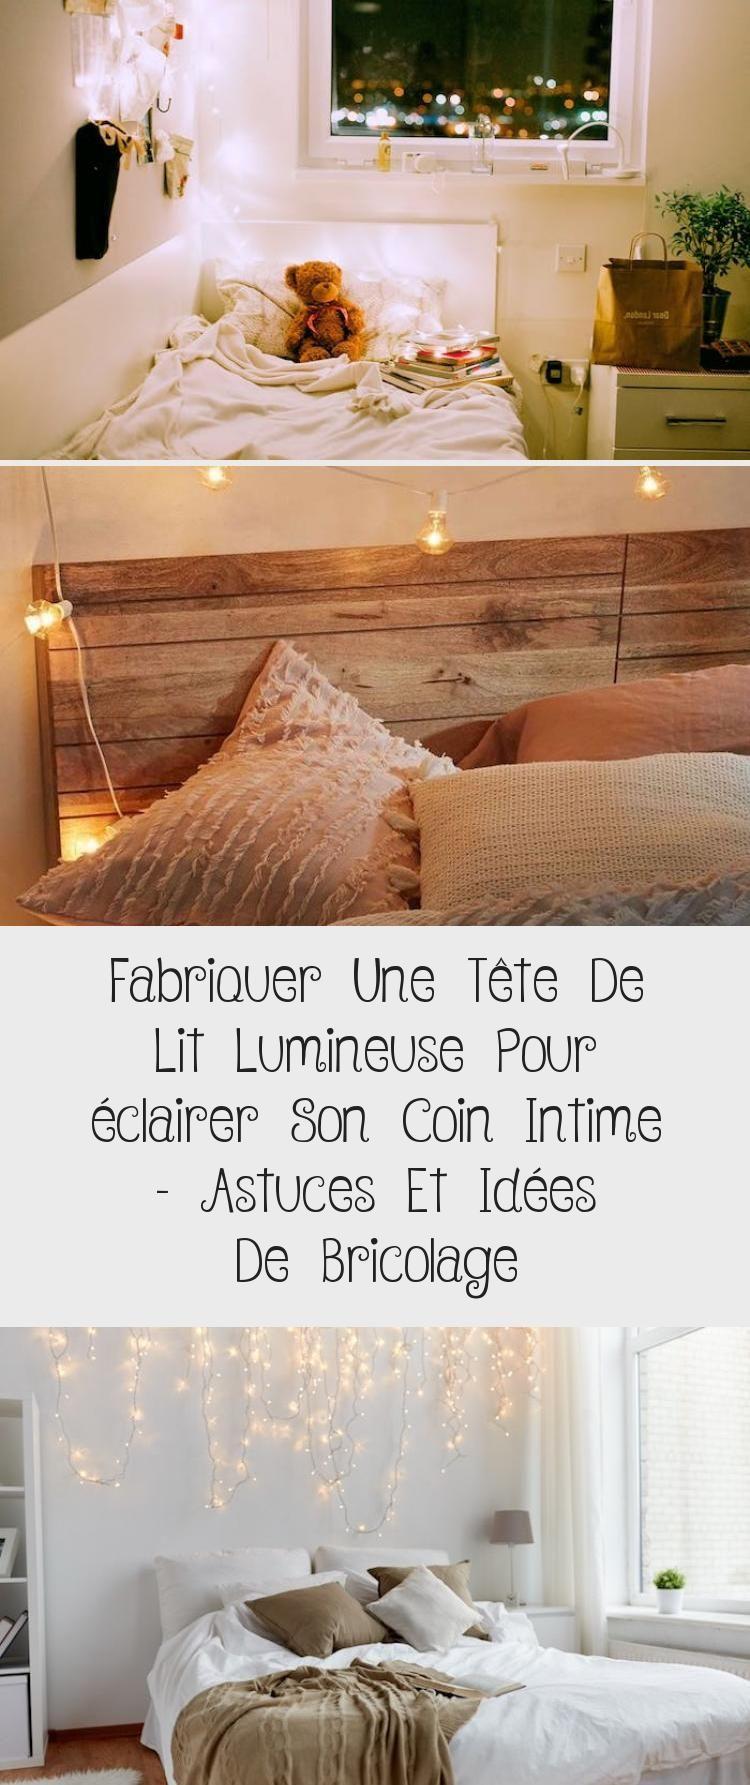 Tete De Lit Voile fabriquer une tête de lit lumineuse pour éclairer son coin